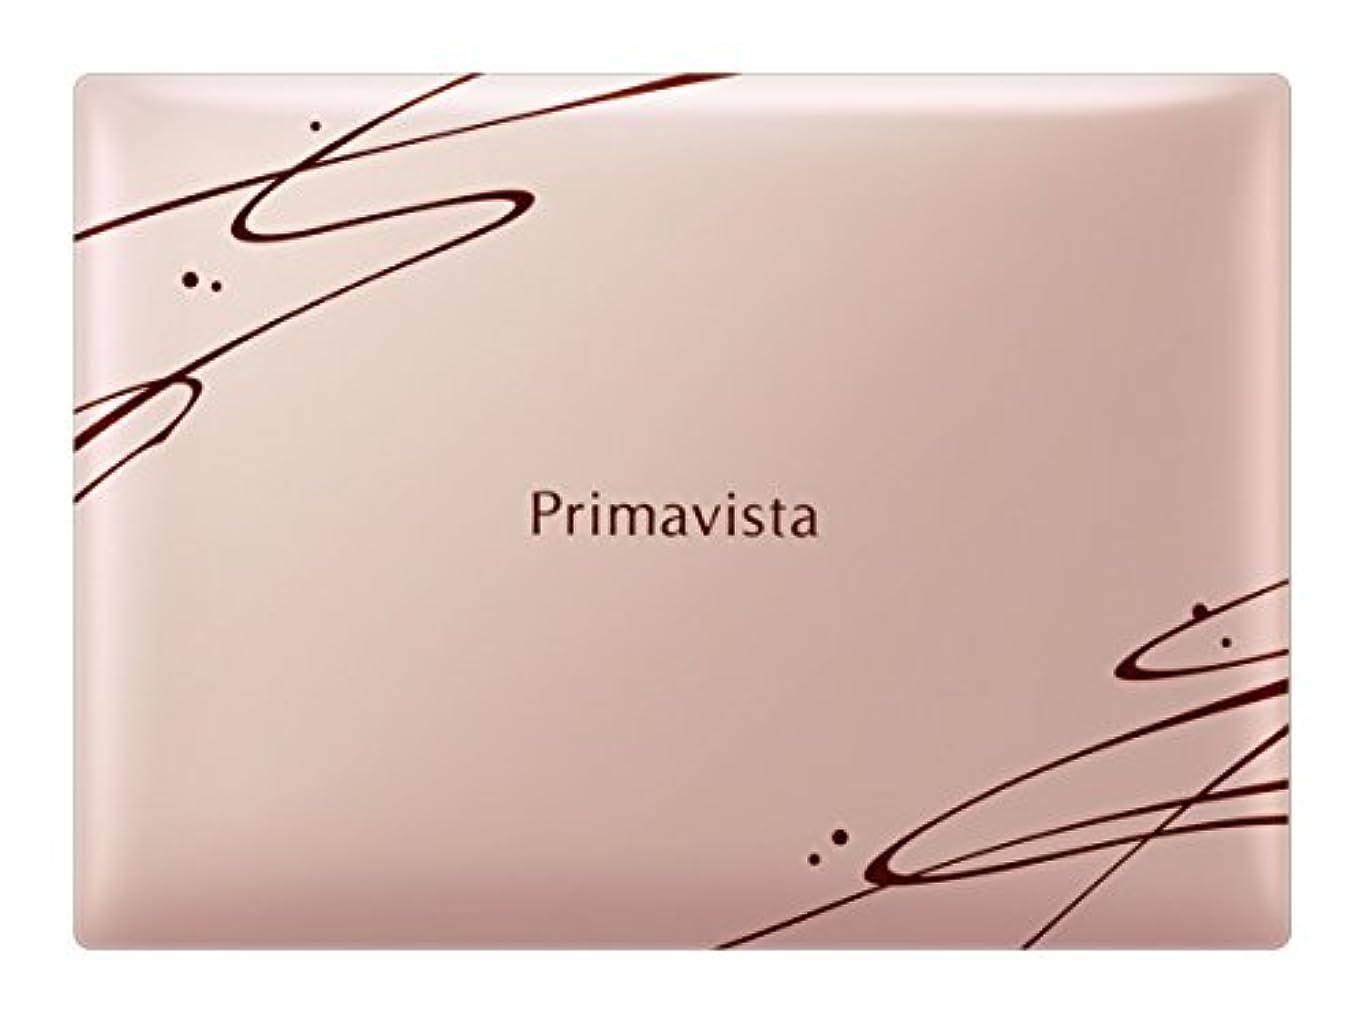 ベースセイはさておき複雑ソフィーナ プリマヴィスタ きれいな素肌質感パウダーファンデーション(オークル03)+限定デザインコンパクト